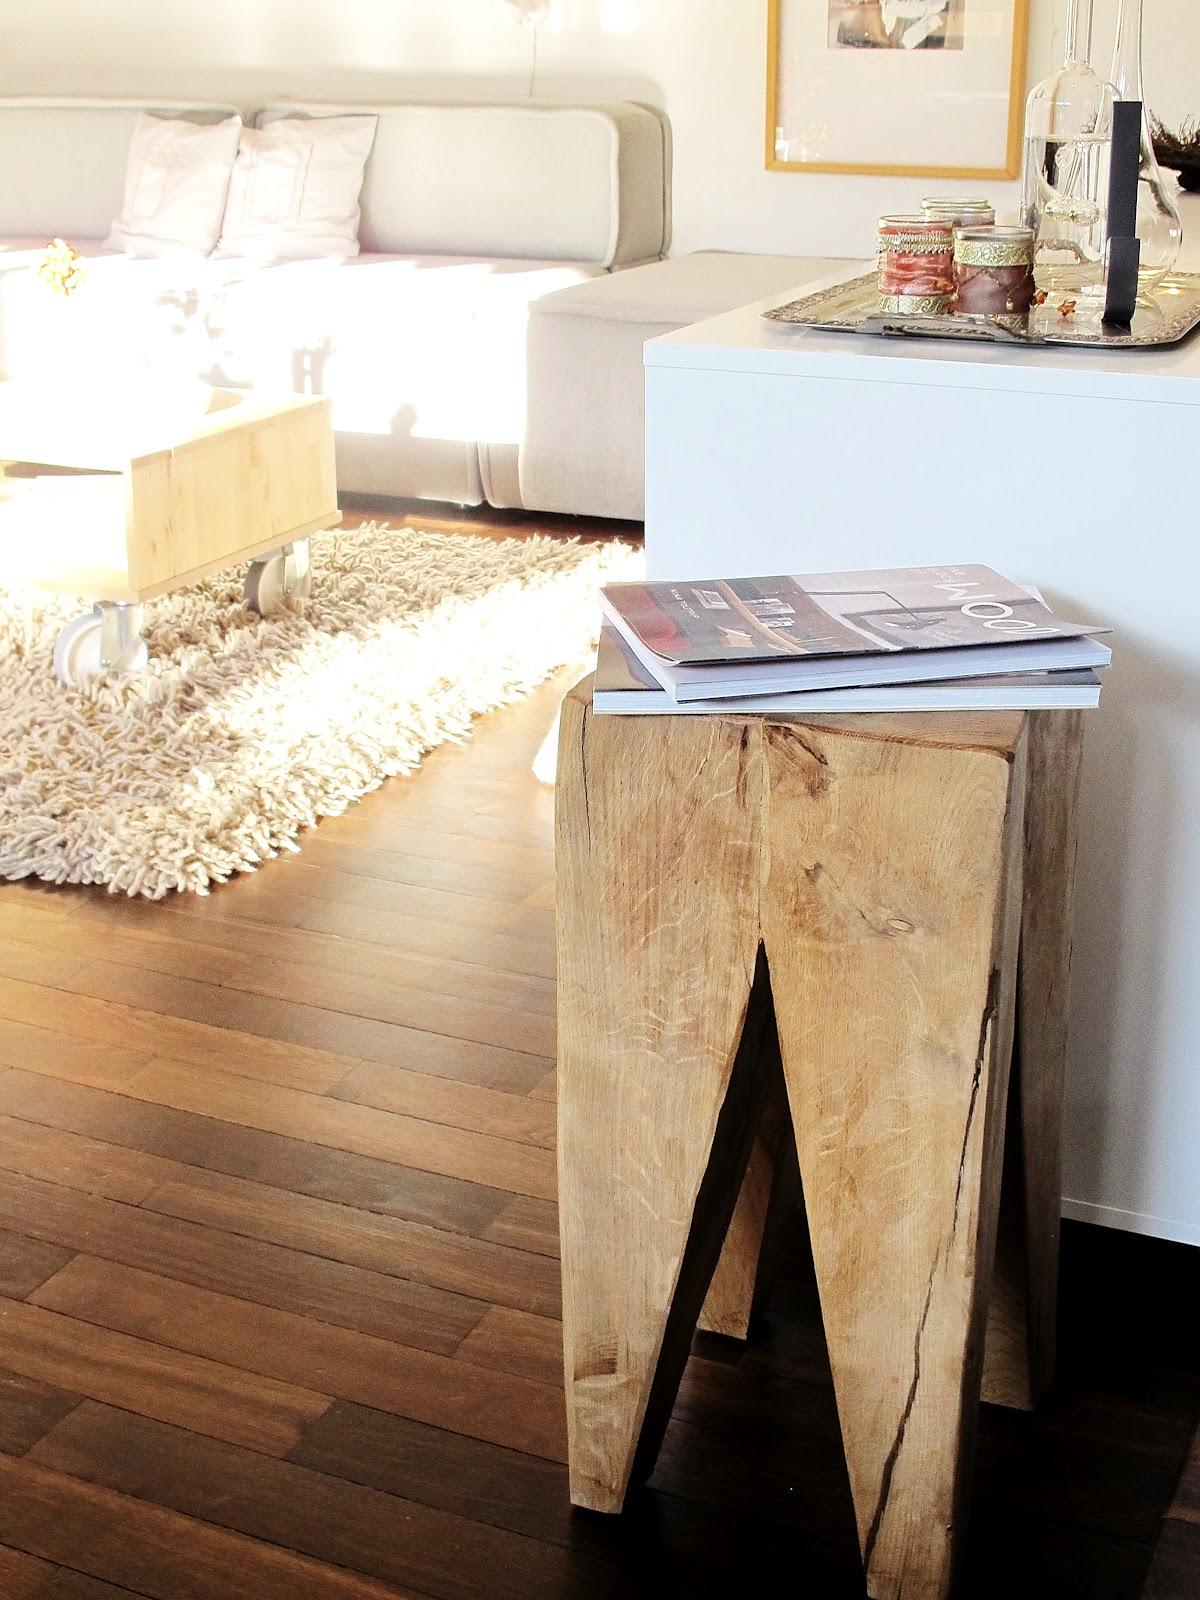 frida live verstecken. Black Bedroom Furniture Sets. Home Design Ideas